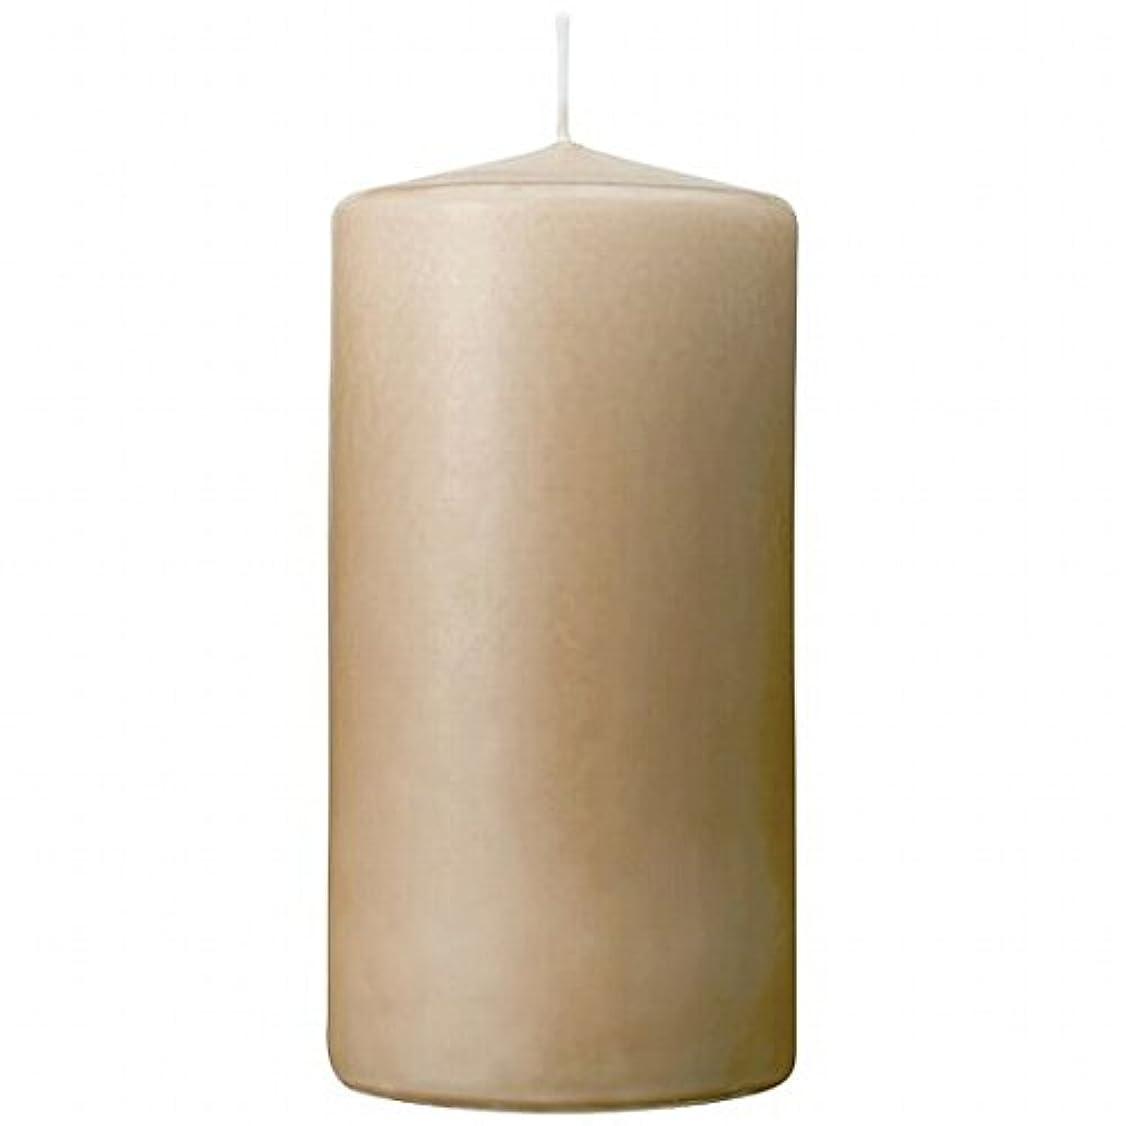 枝真鍮平等カメヤマキャンドル(kameyama candle) 3×6ベルトップピラーキャンドル 「 ベージュ 」